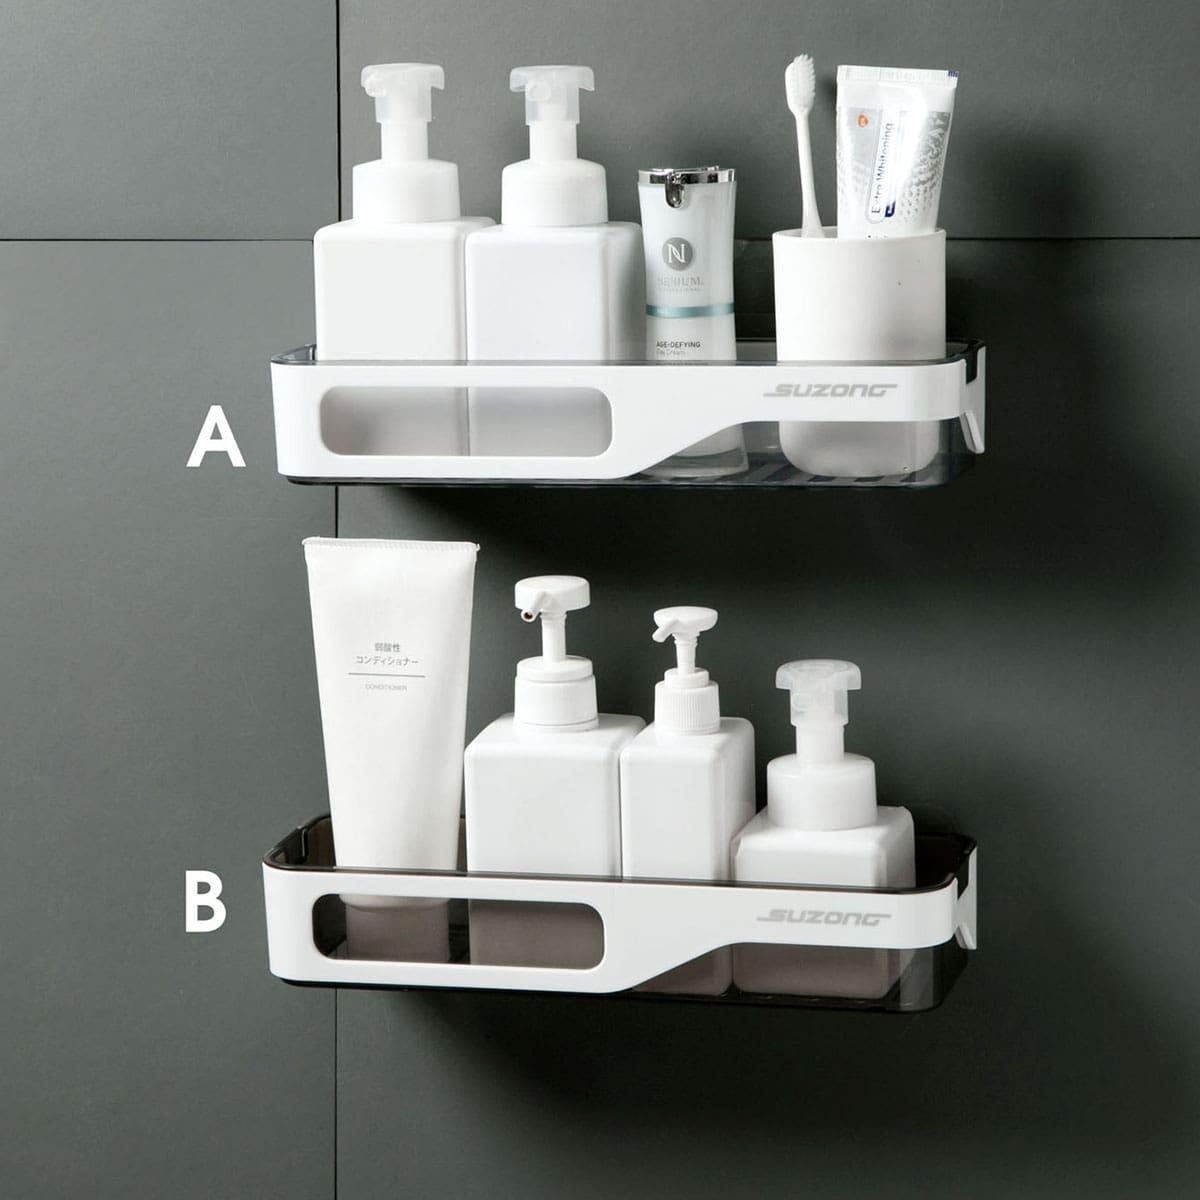 Wandrek voor wandmontage in 1 badkamer